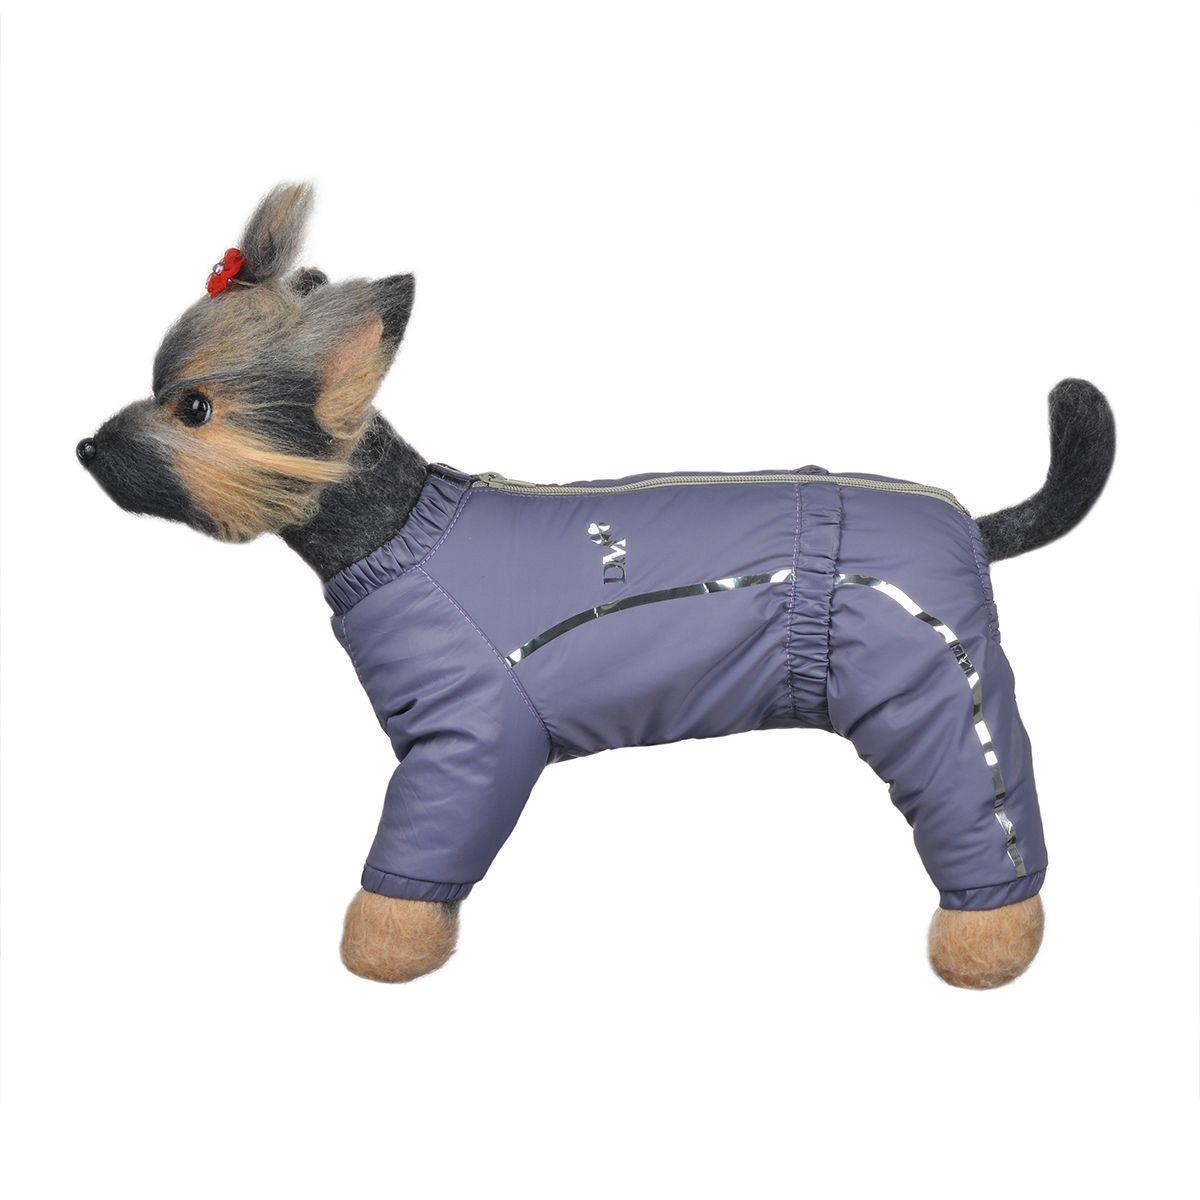 Комбинезон для собак Dogmoda Альпы, зимний, для девочки, цвет: фиолетовый, серый. Размер 4 (XL)DM-150350-4Зимний комбинезон для собак Dogmoda Альпы отлично подойдет для прогулок в зимнее время года. Комбинезон изготовлен из полиэстера, защищающего от ветра и снега, с утеплителем из синтепона, который сохранит тепло даже в сильные морозы, а на подкладке используется искусственный мех, который обеспечивает отличный воздухообмен. Комбинезон застегивается на молнию и липучку, благодаря чему его легко надевать и снимать. Ворот, низ рукавов и брючин оснащены внутренними резинками, которые мягко обхватывают шею и лапки, не позволяя просачиваться холодному воздуху. На пояснице имеется внутренняя резинка. Изделие декорировано серебристыми полосками и надписью DM. Благодаря такому комбинезону простуда не грозит вашему питомцу и он сможет испытать не сравнимое удовольствие от снежных игр и забав.